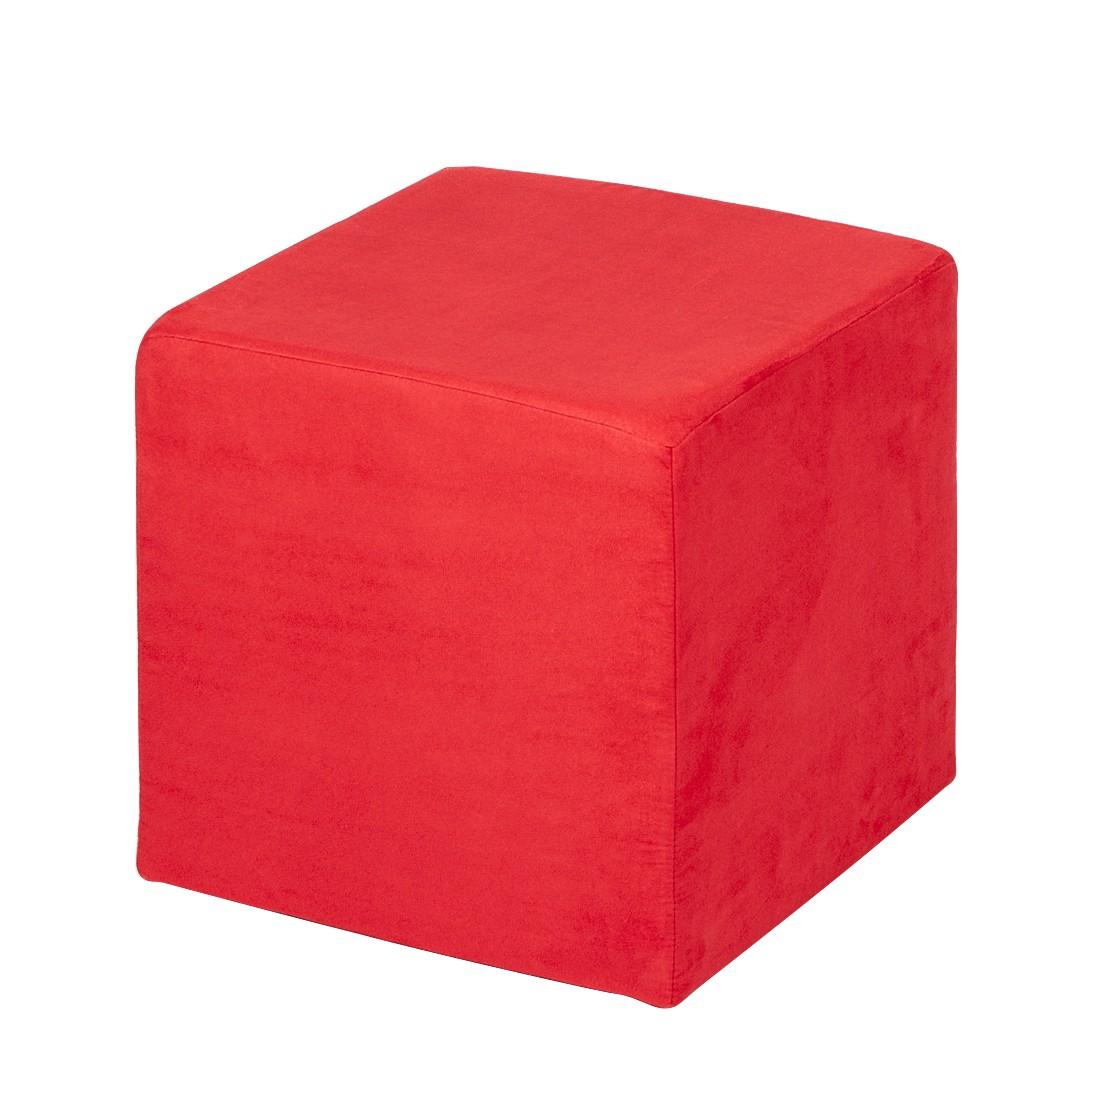 Sitzwürfel Fredrik – Stoff Rot, Fredriks jetzt bestellen